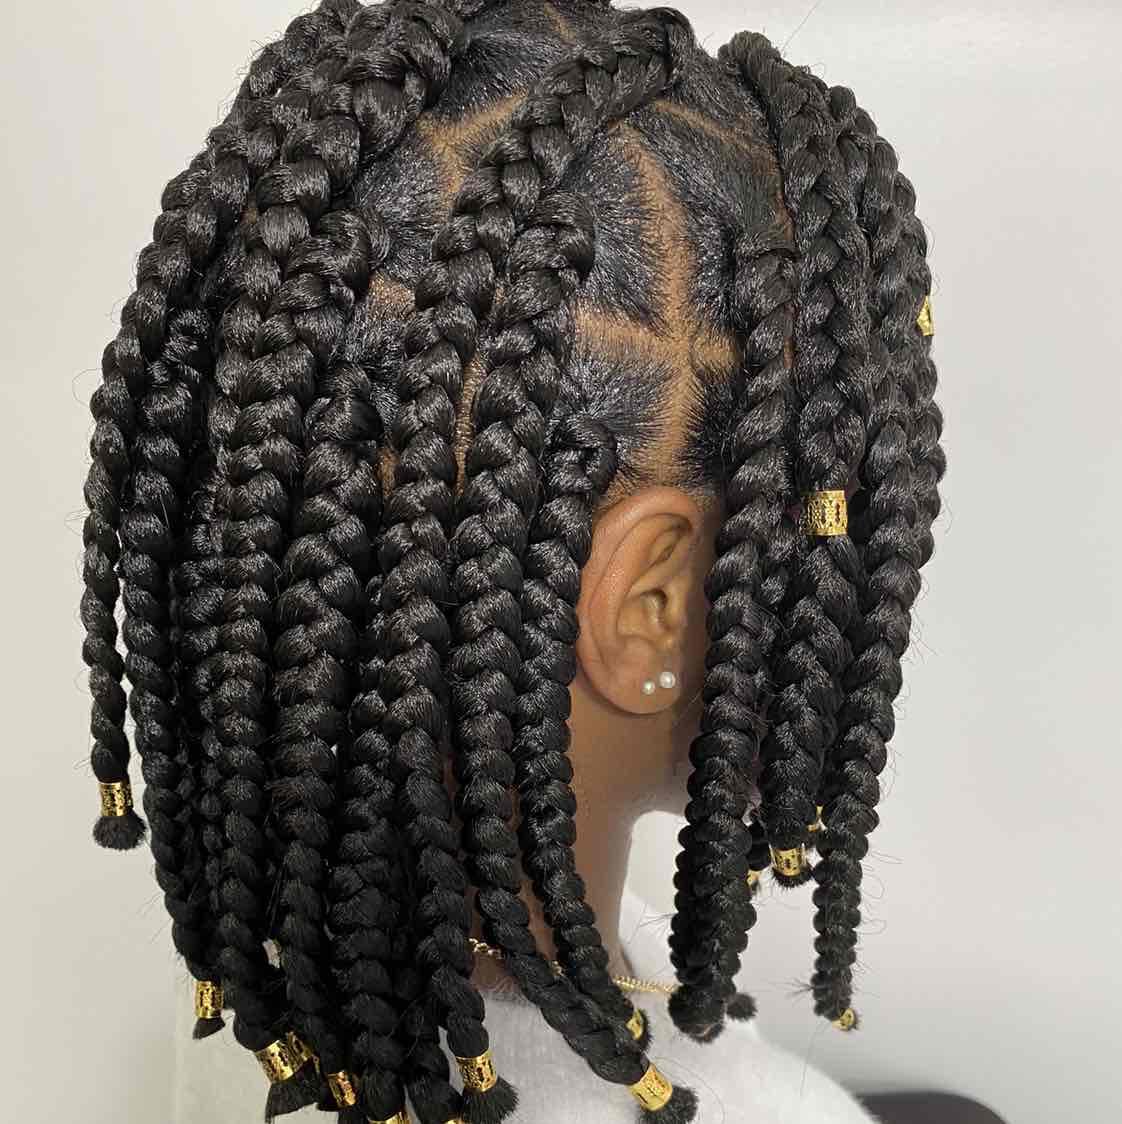 salon de coiffure afro tresse tresses box braids crochet braids vanilles tissages paris 75 77 78 91 92 93 94 95 PTXOPPQD